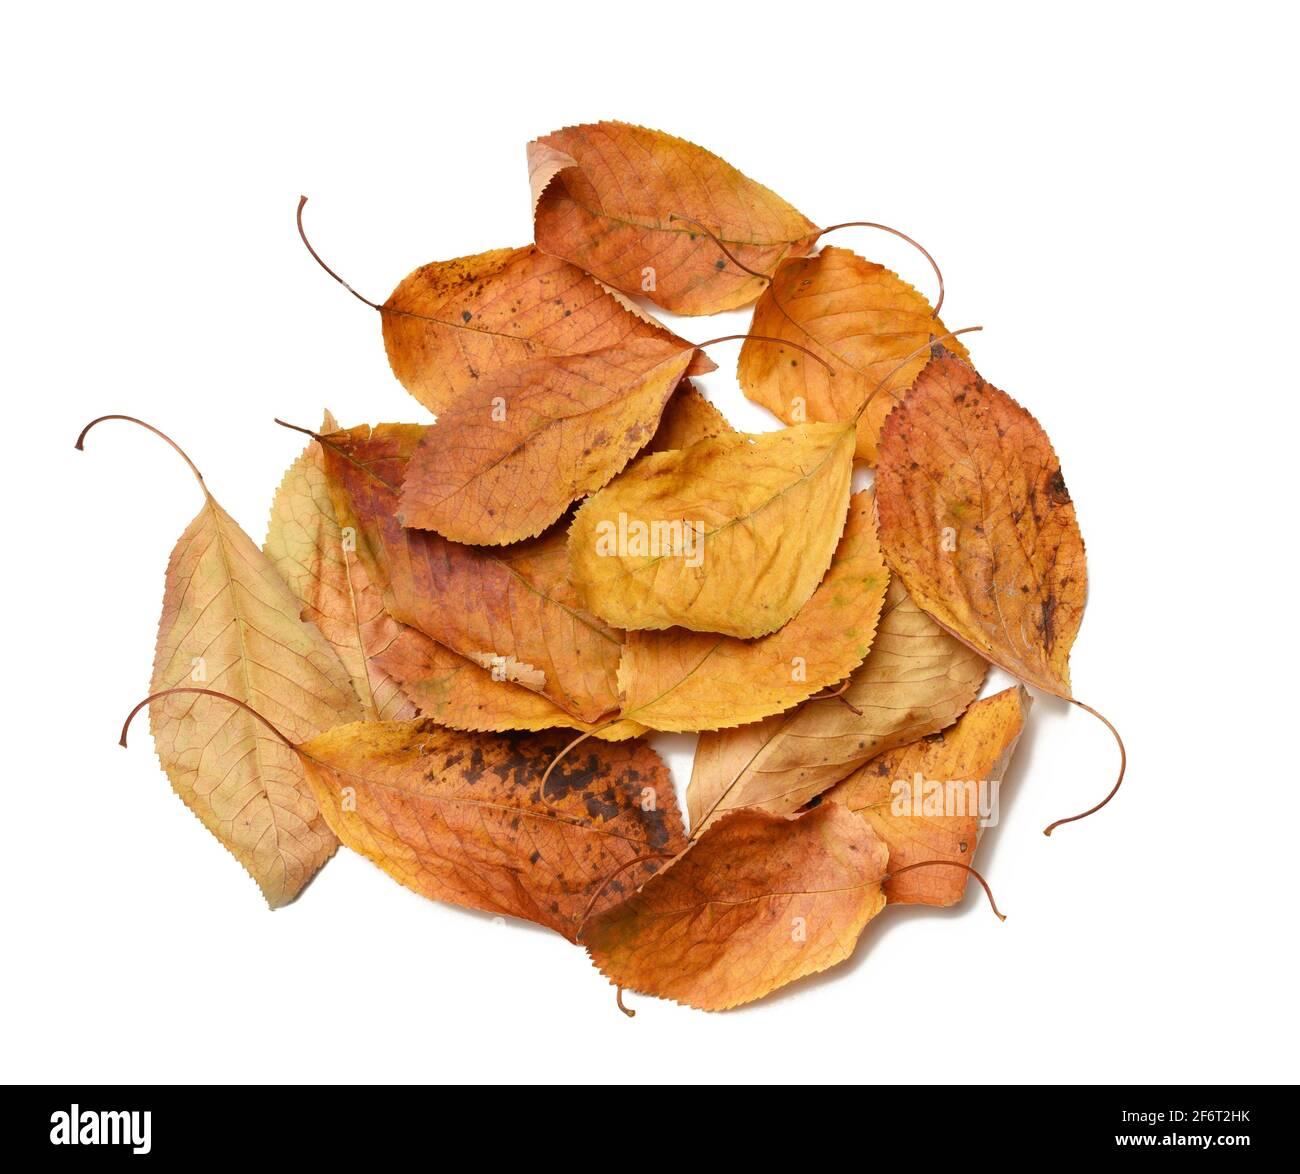 pila de hojas secas de cerezo dorado aisladas sobre fondo blanco, vista superior. Foto de stock